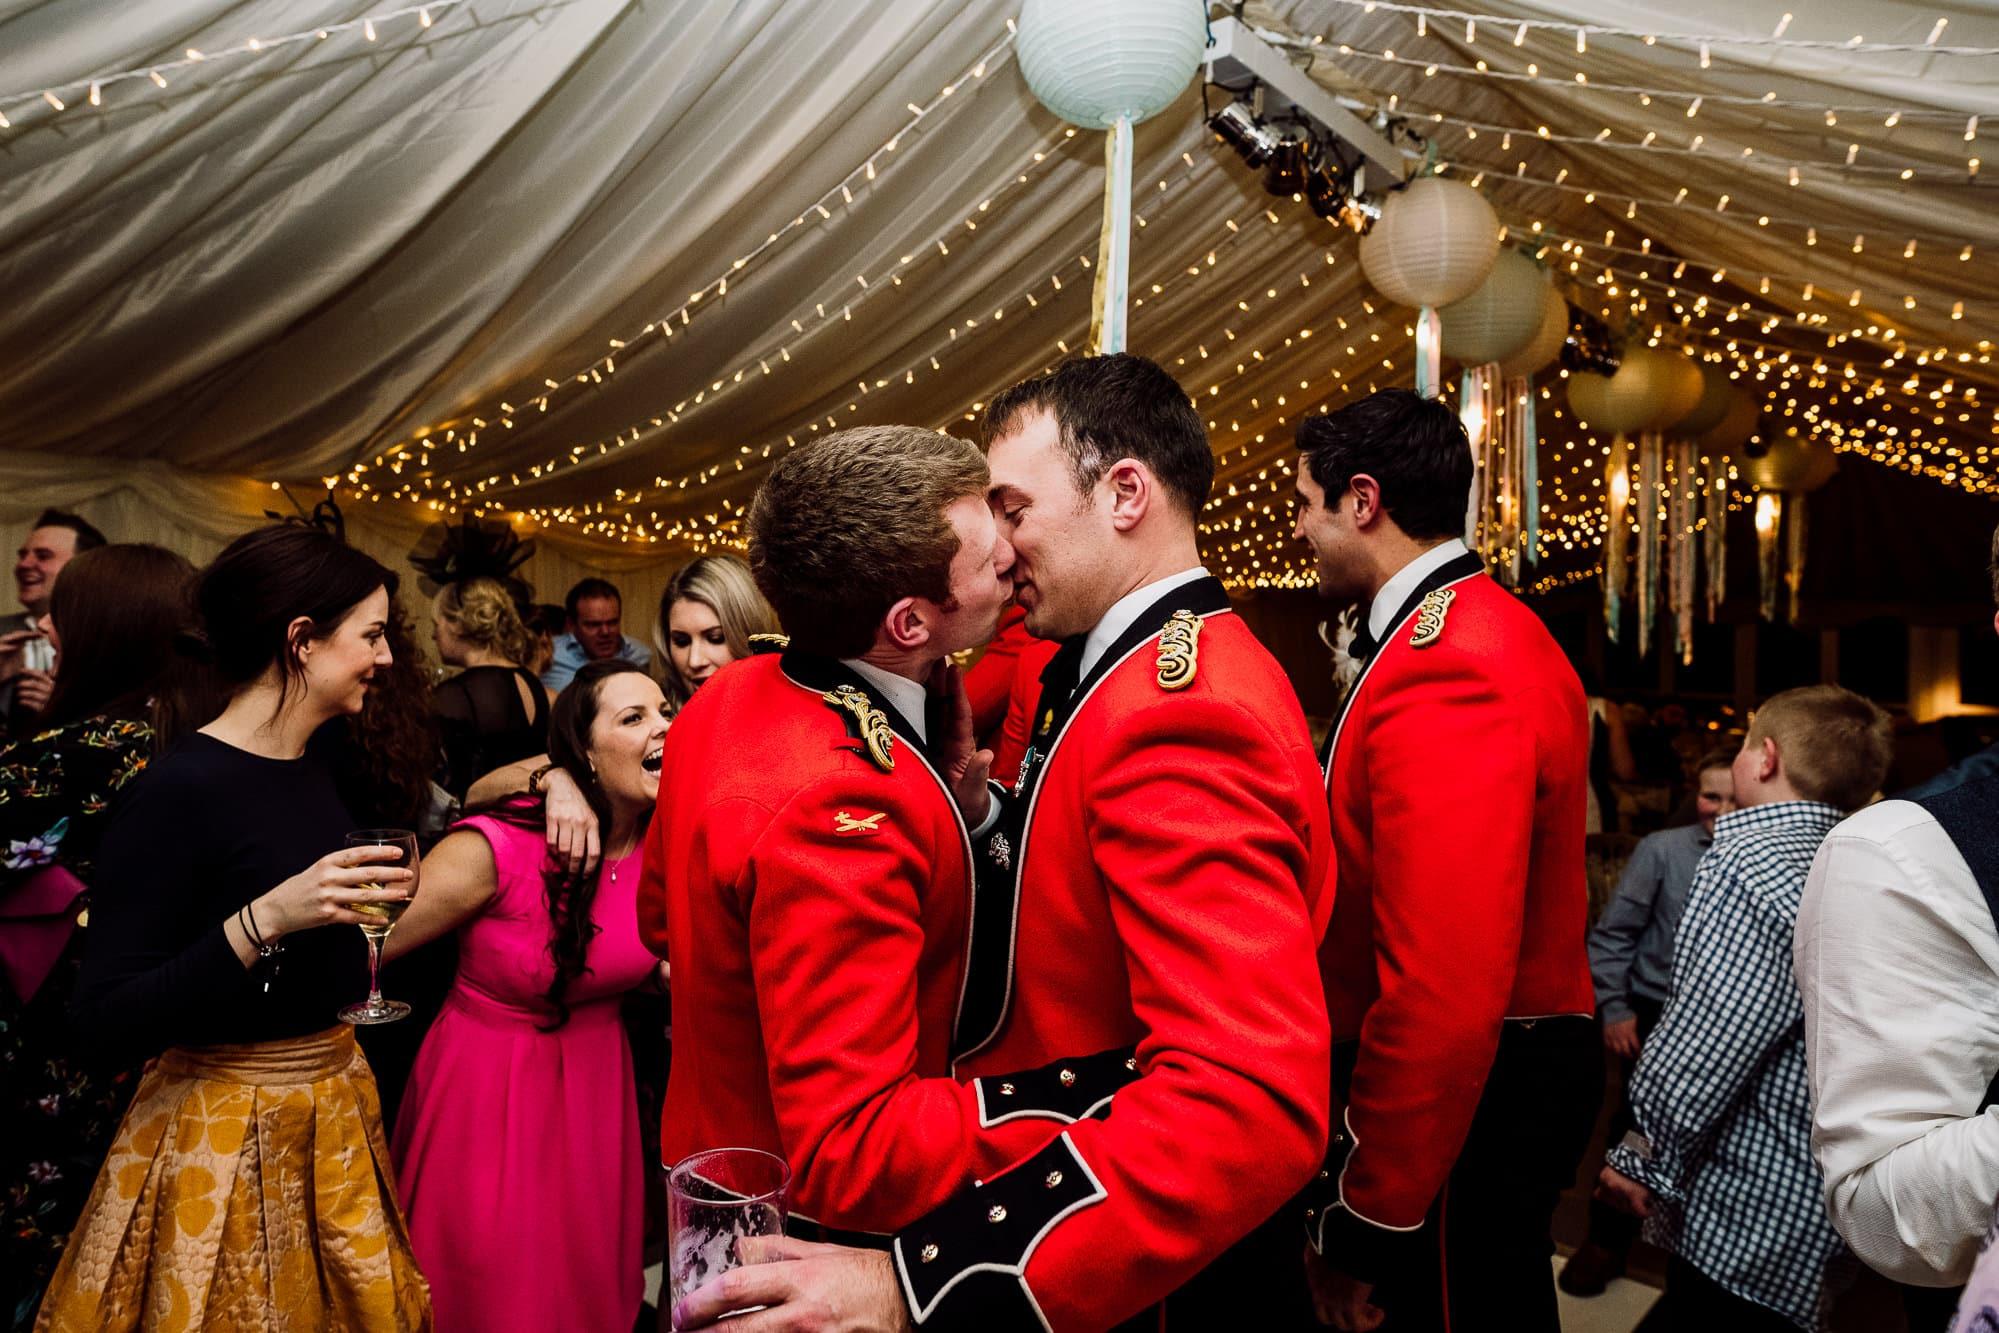 Two men kissing on the dance floor